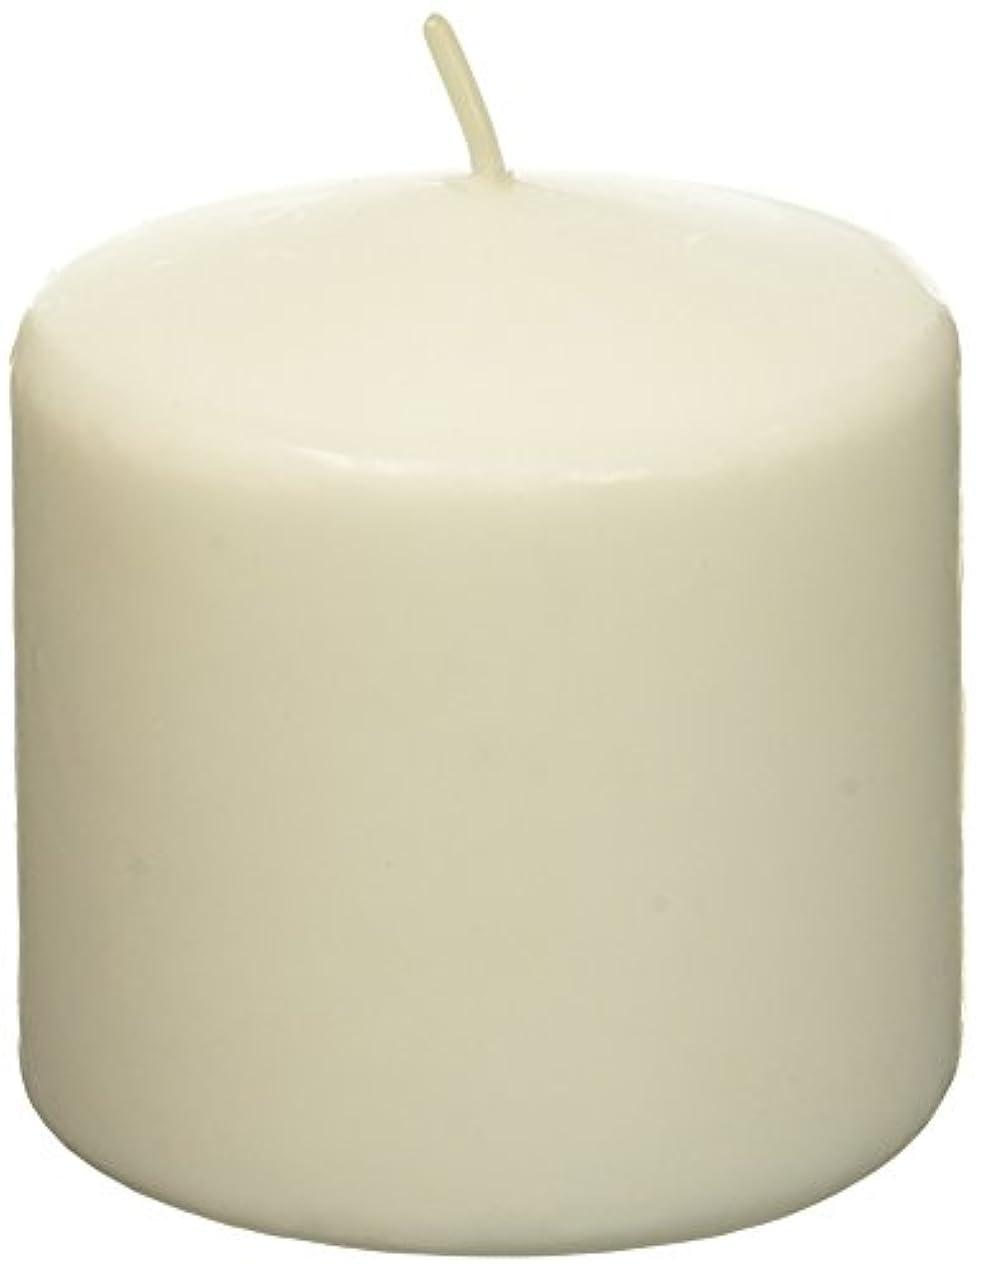 啓示シンプトンとしてZest Candle CPZ-007-12 3 x 3 in. White Pillar Candles -12pcs-Case- Bulk